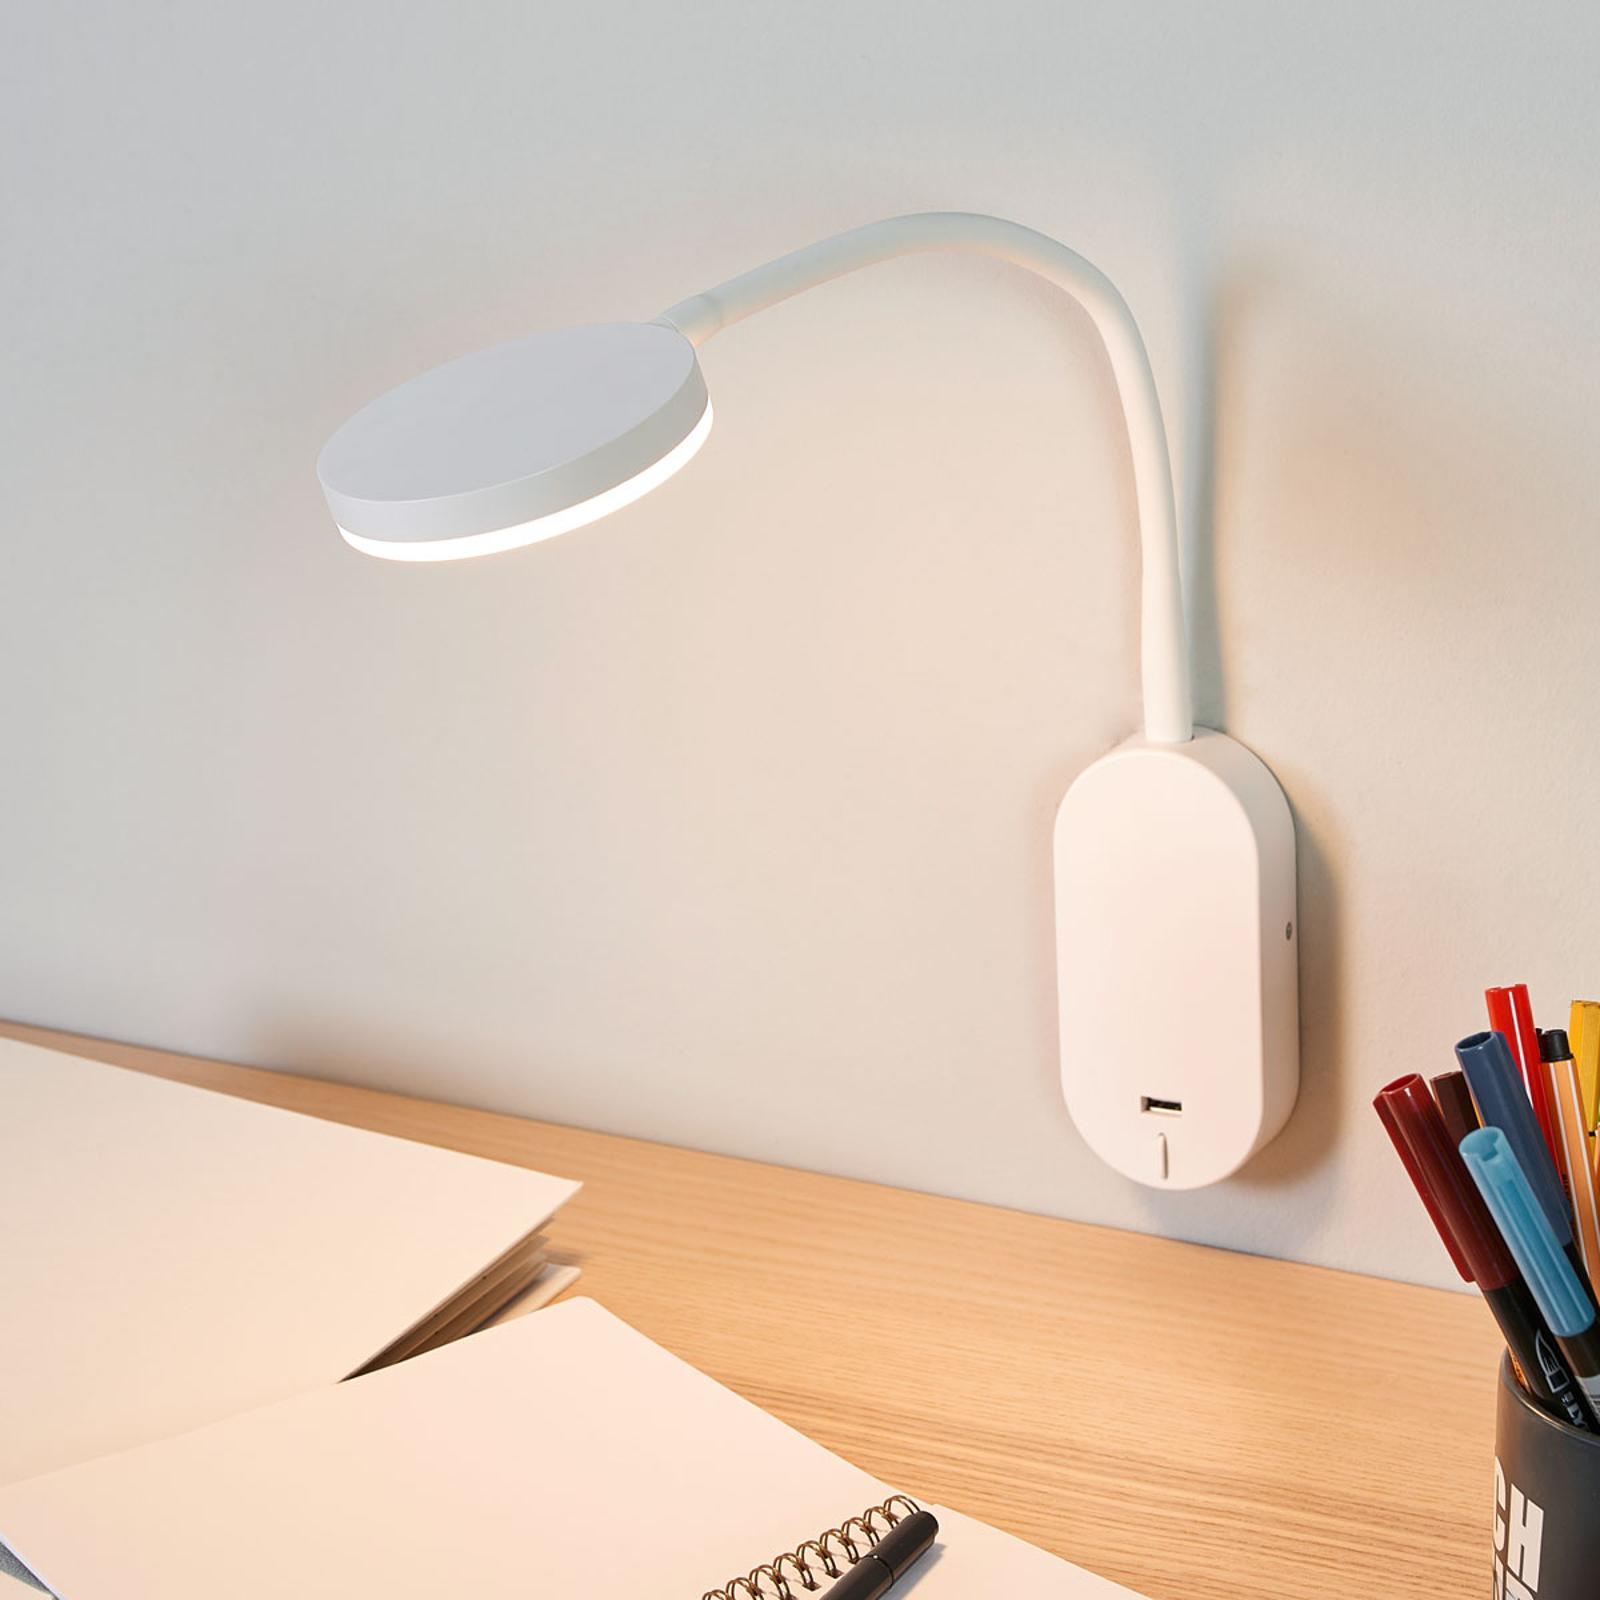 Flexibele led wandlamp Milow met USB-poort